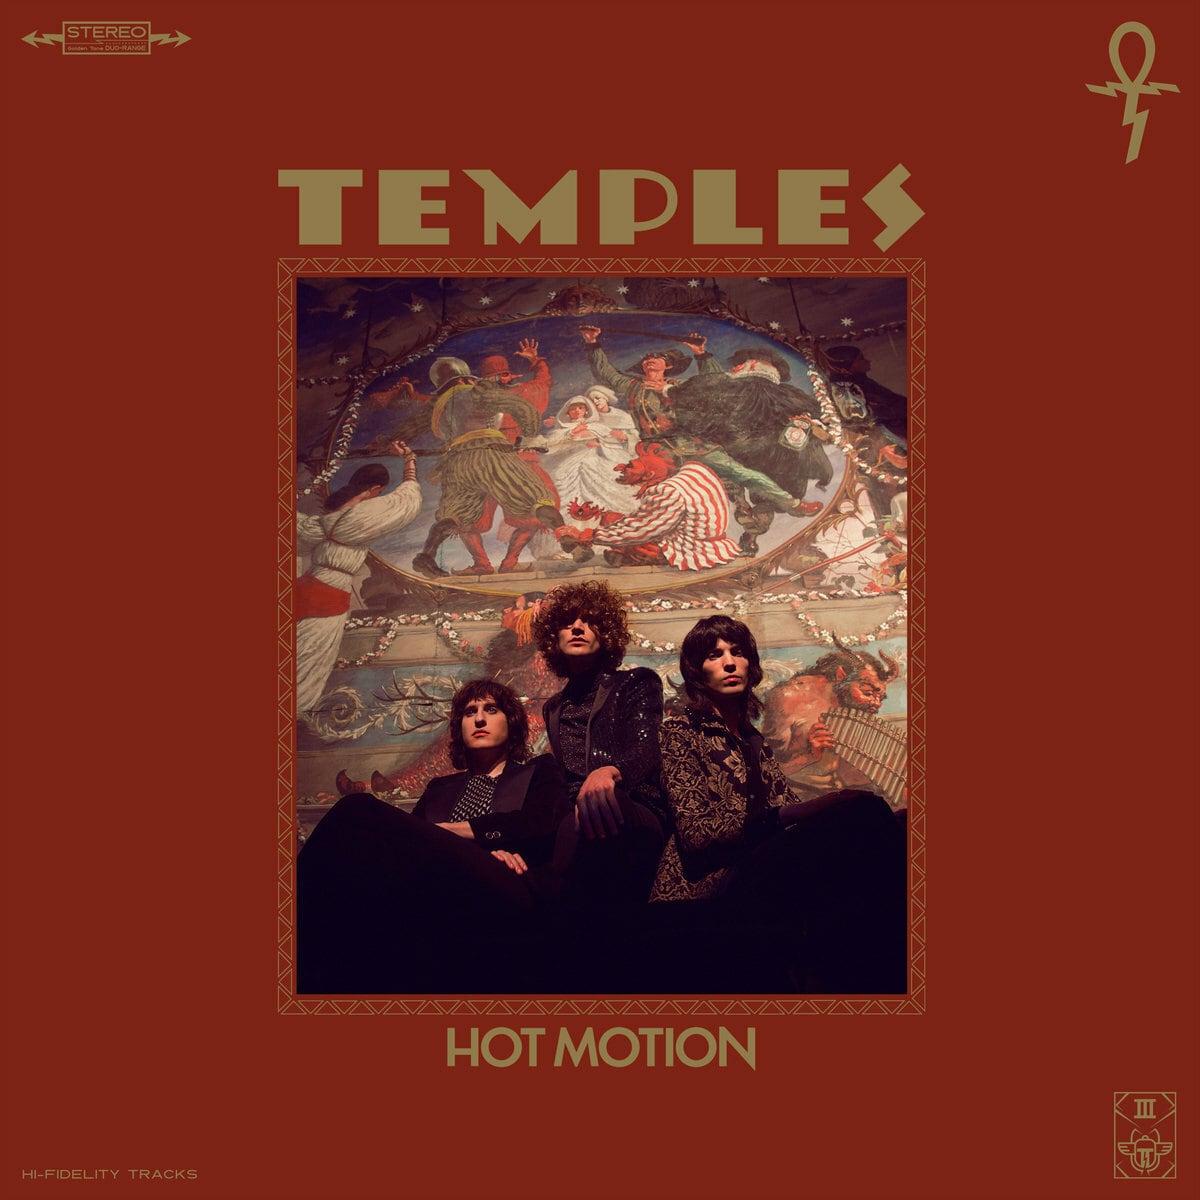 Temples / Hot Motion(Ltd LP)